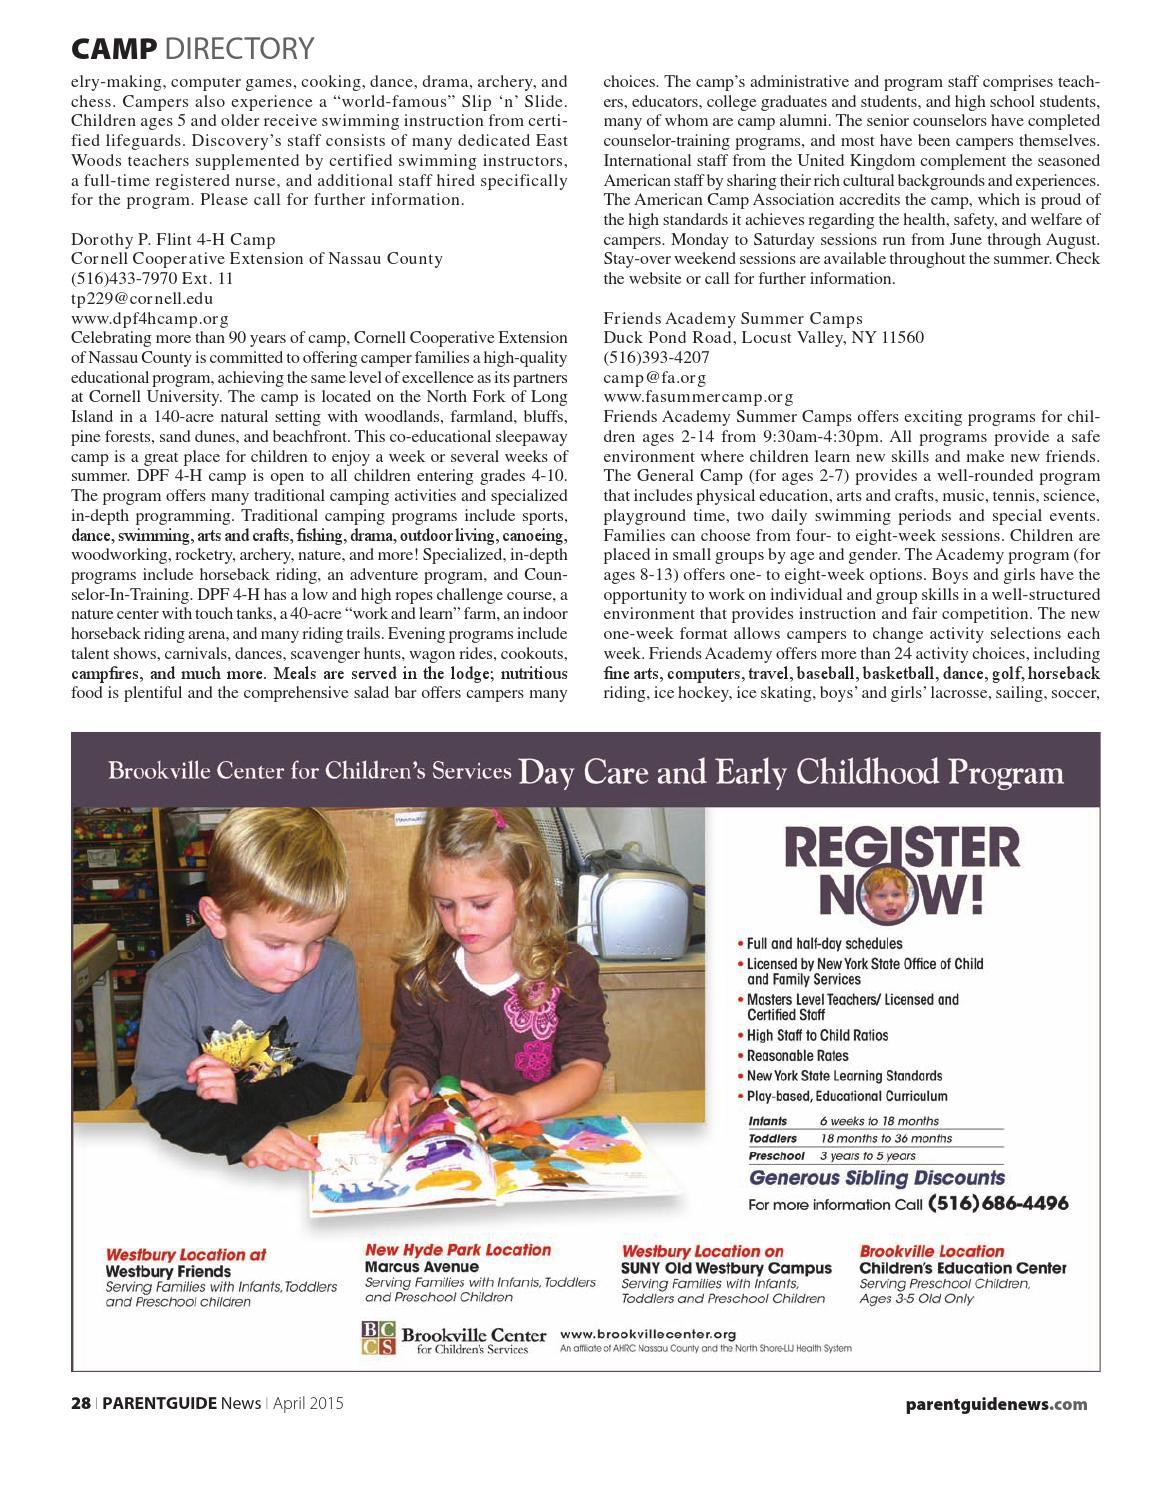 April 2015 Nassau Queens By PARENTGUIDE News